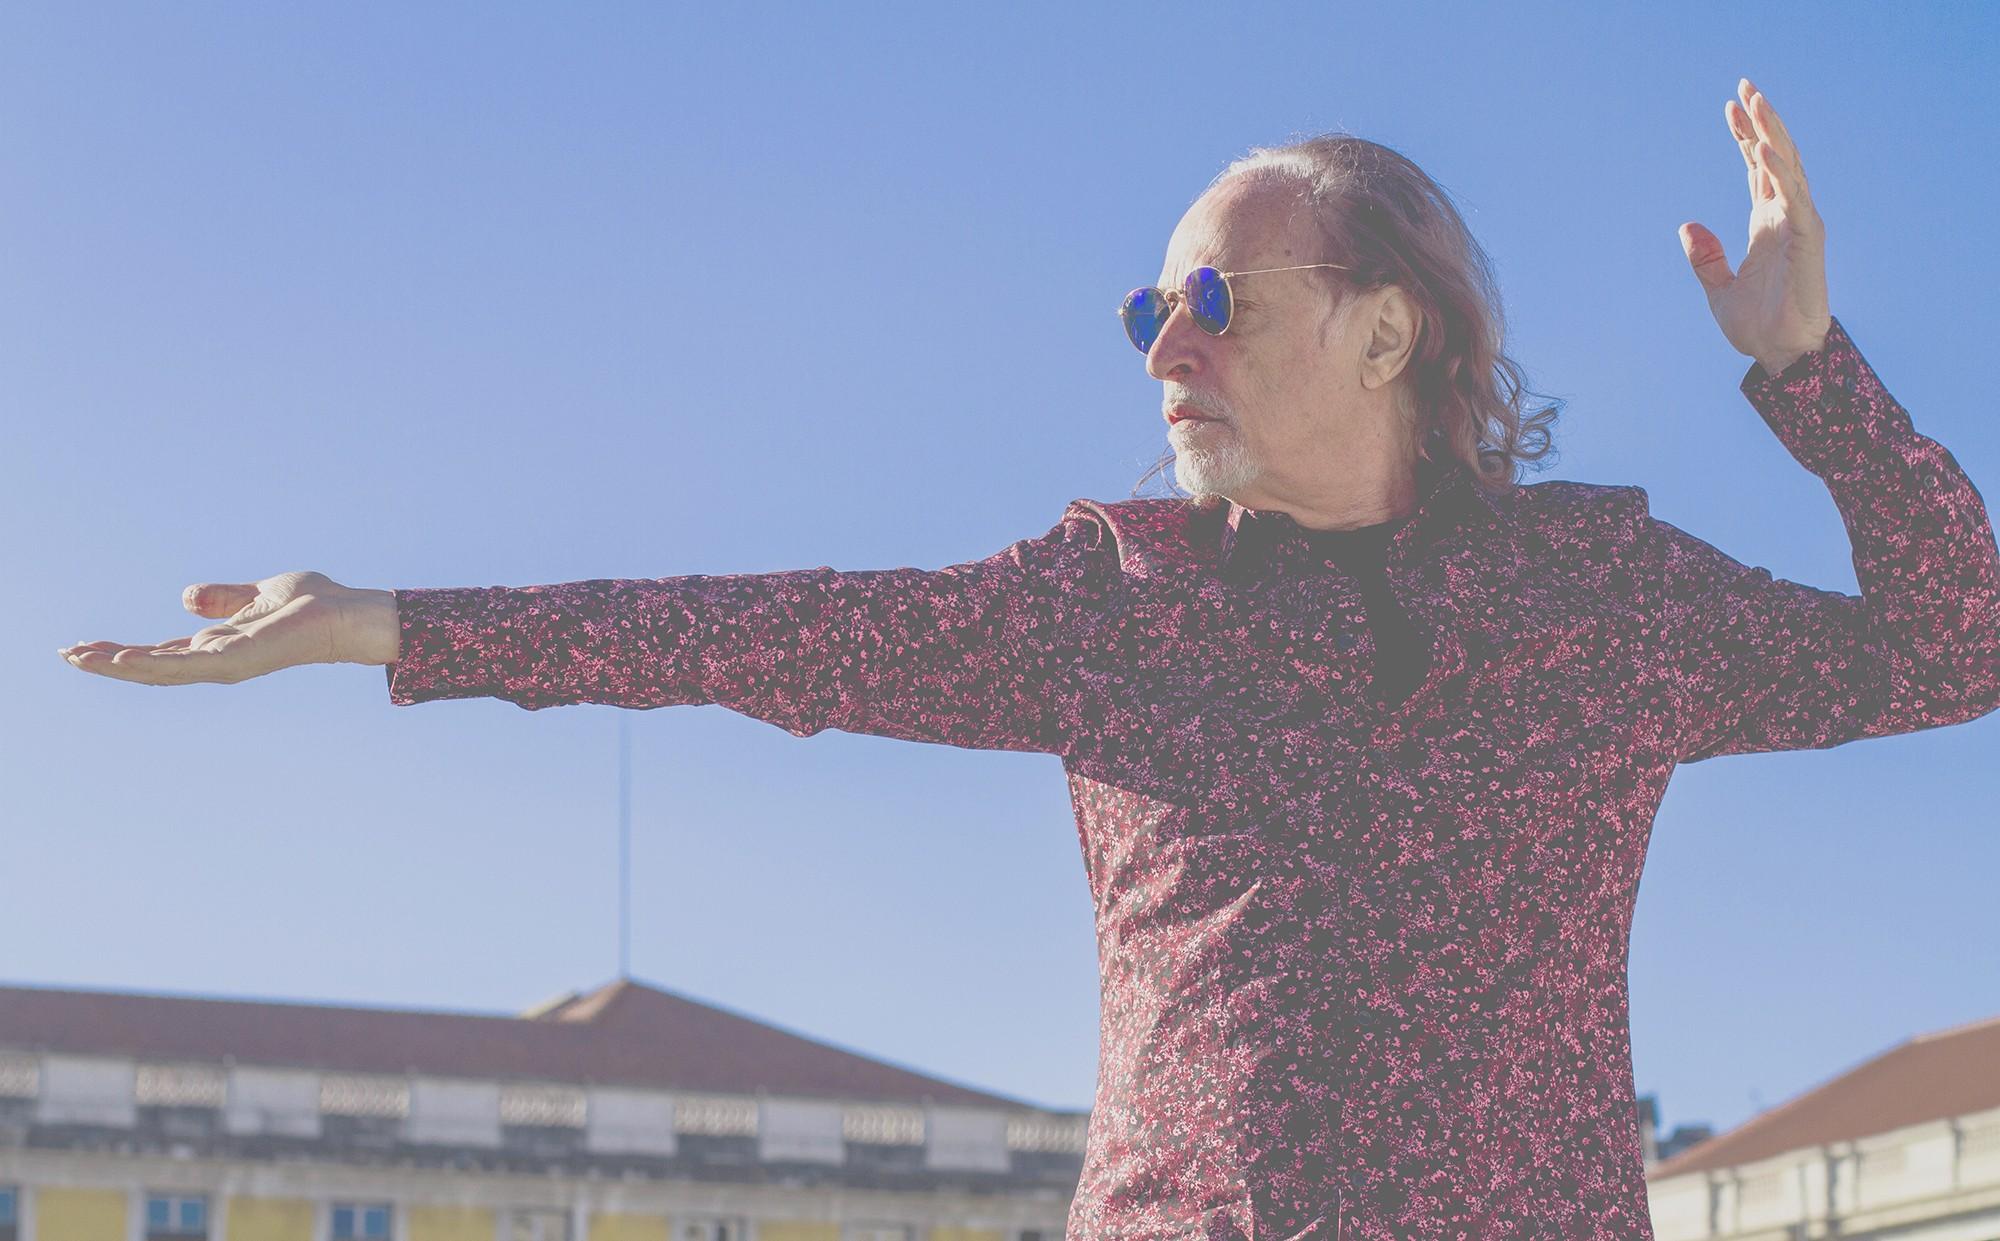 Alceu Valença grava em Portugal, em janeiro, a sequência de projeto sinfônico com a Orquestra Ouro Preto - Notícias - Plantão Diário